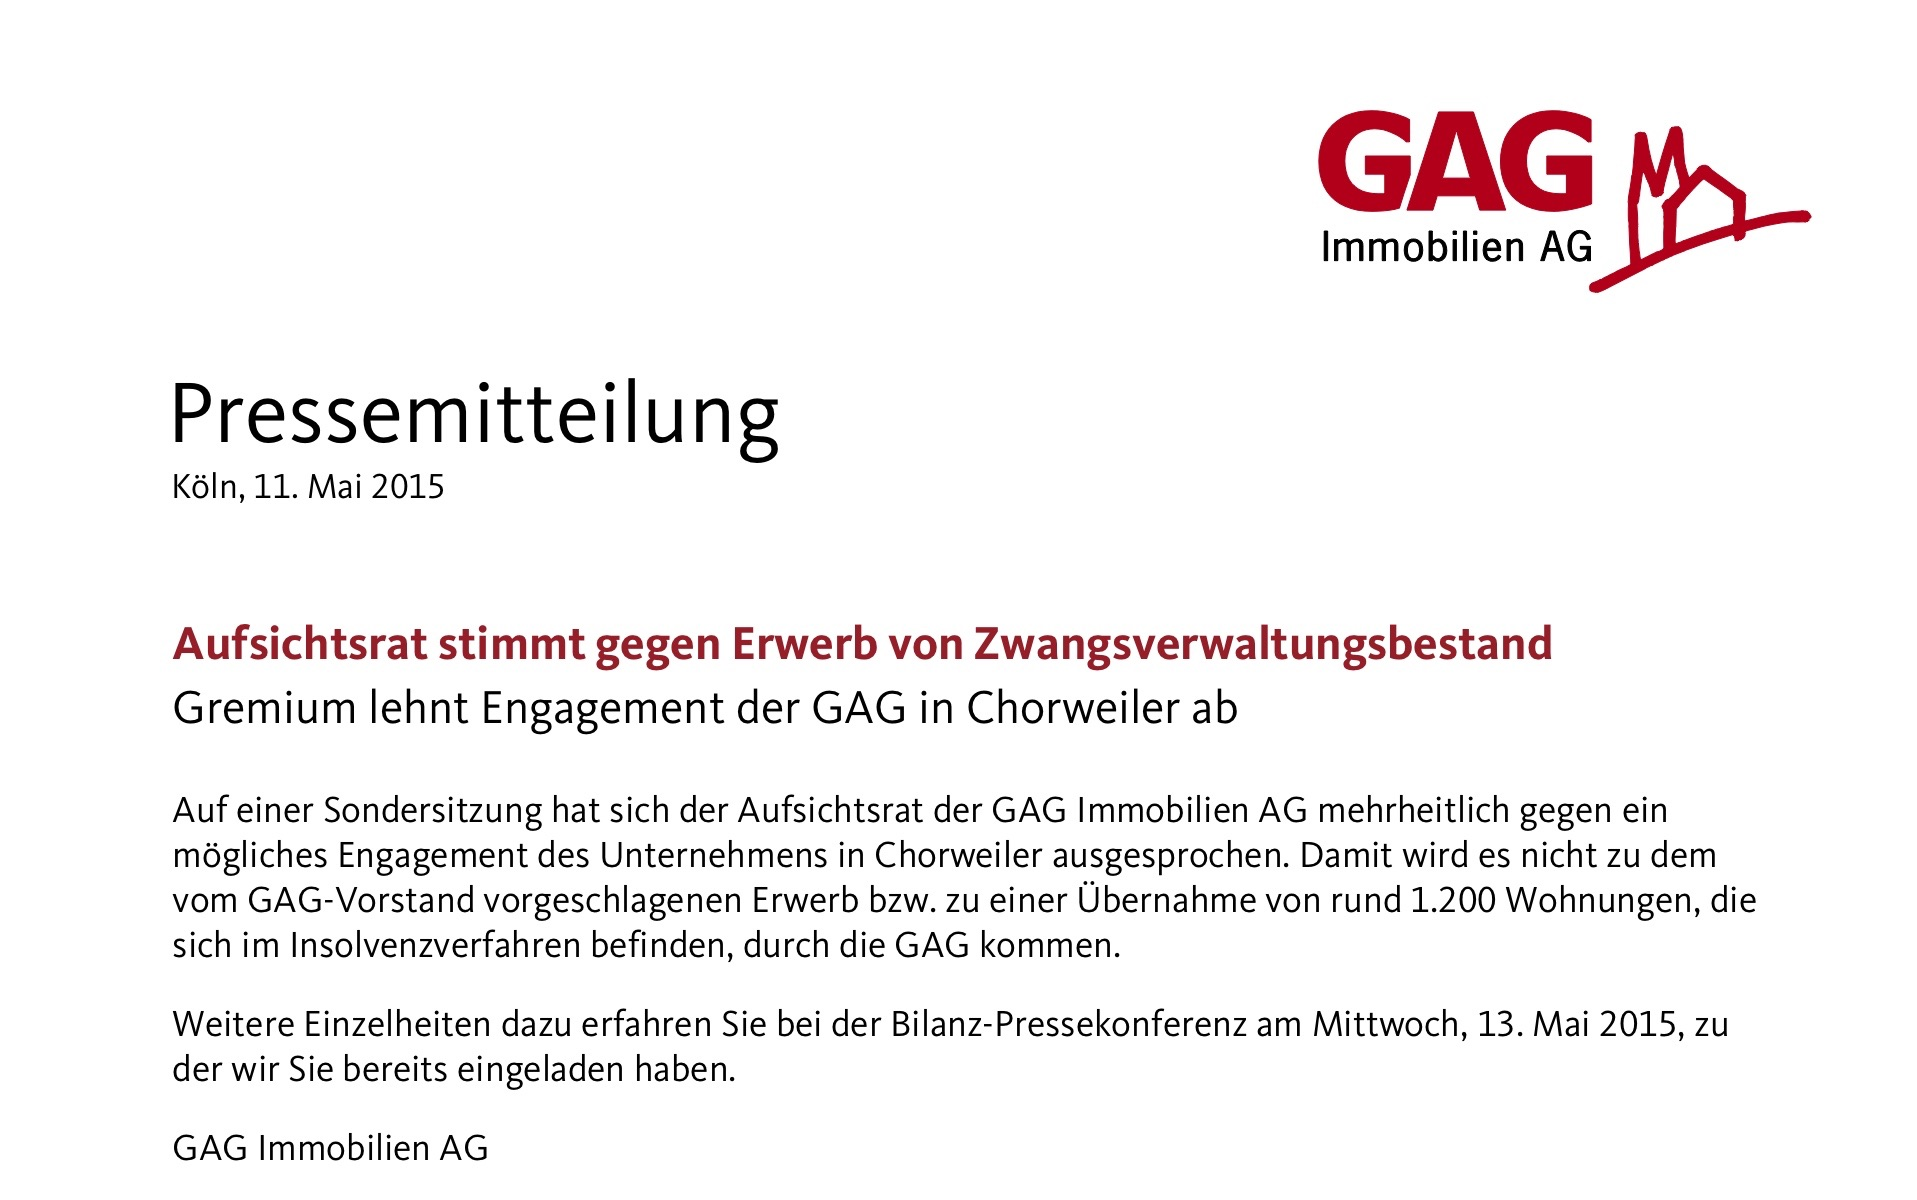 Pressemitteilung der GAG